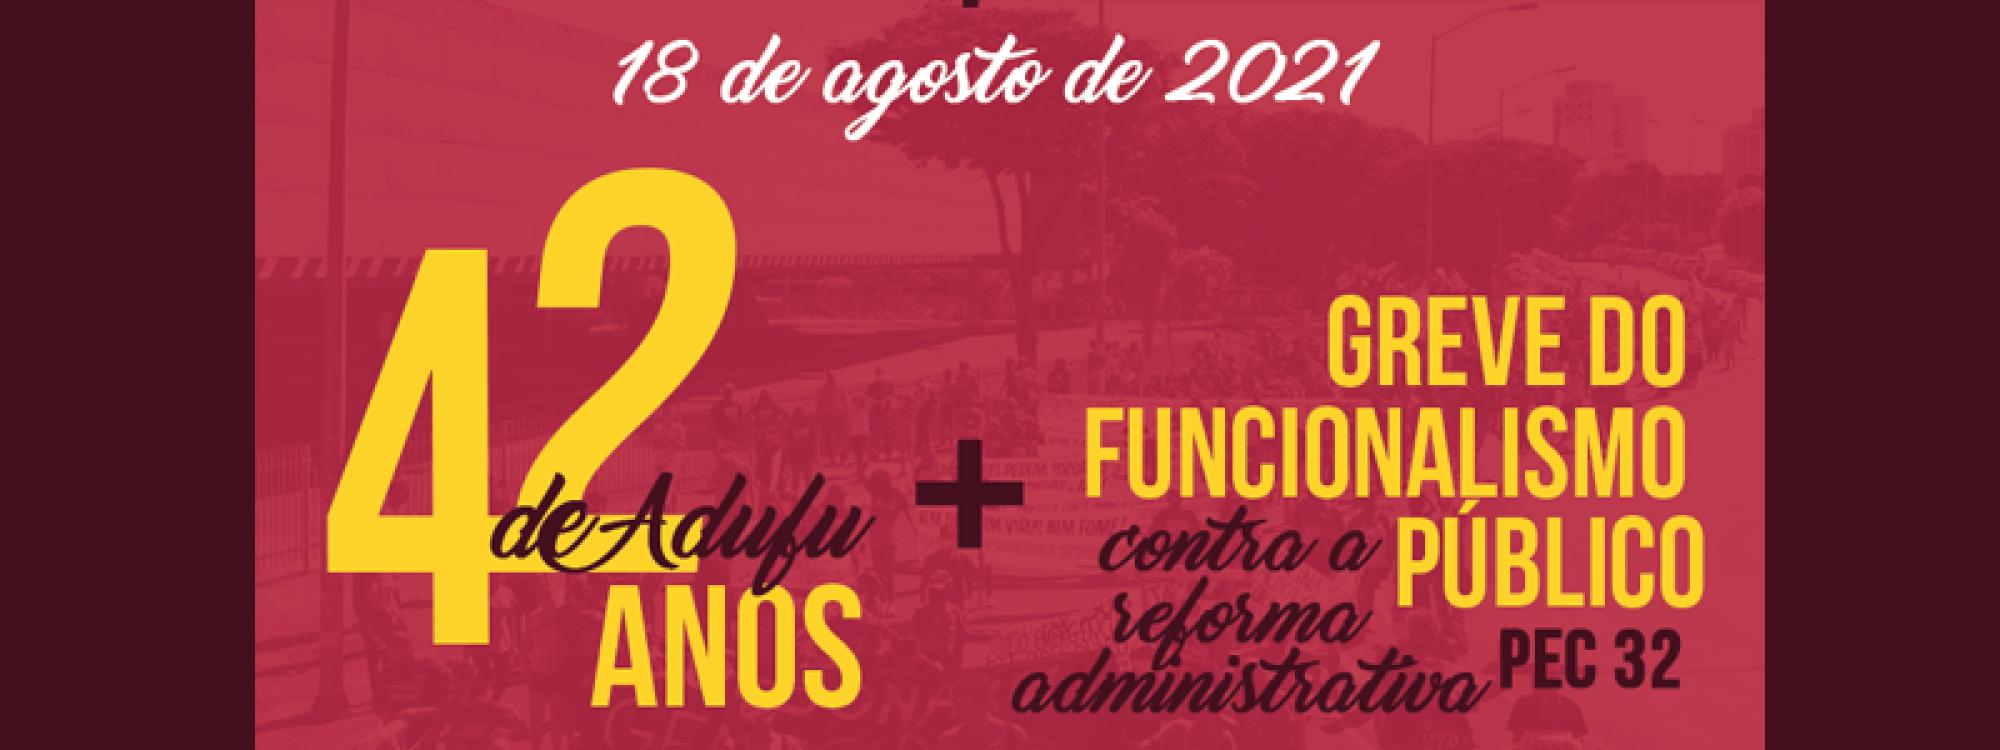 18 de agosto de 2021: celebrando 42 anos de ADUFU com luta contra a reforma administrativa